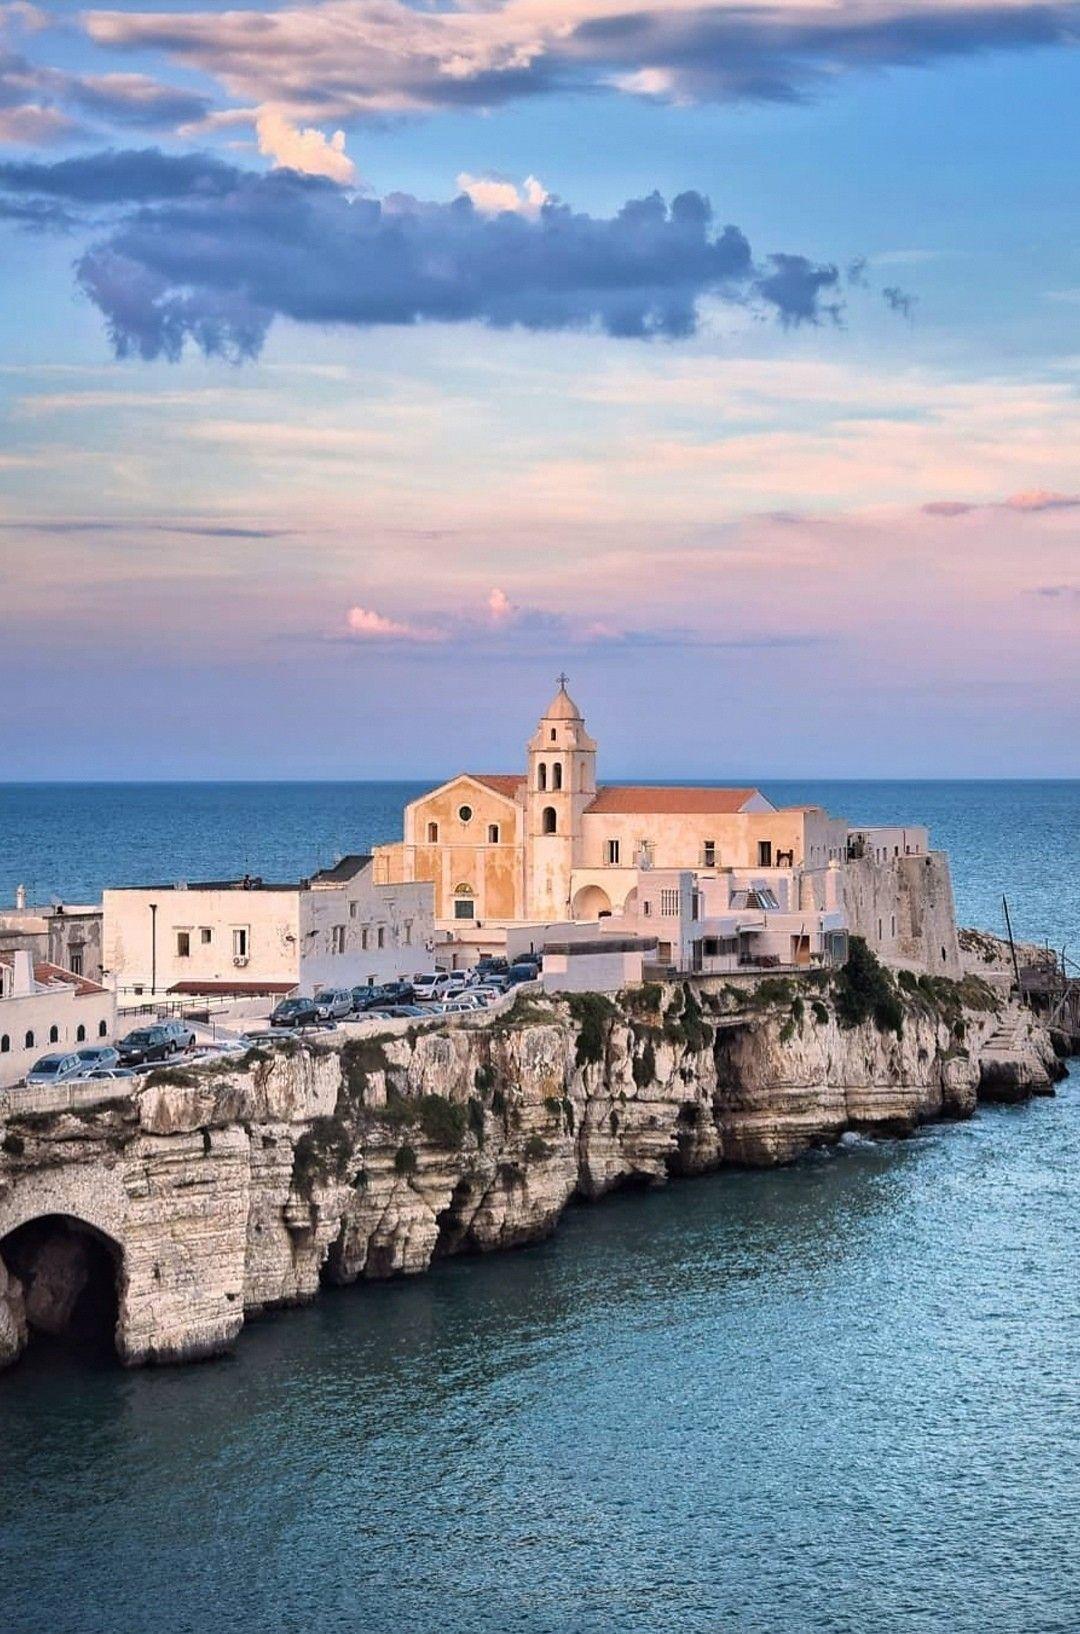 Vieste Vacanze in italia, Viaggiare in italia e Italia